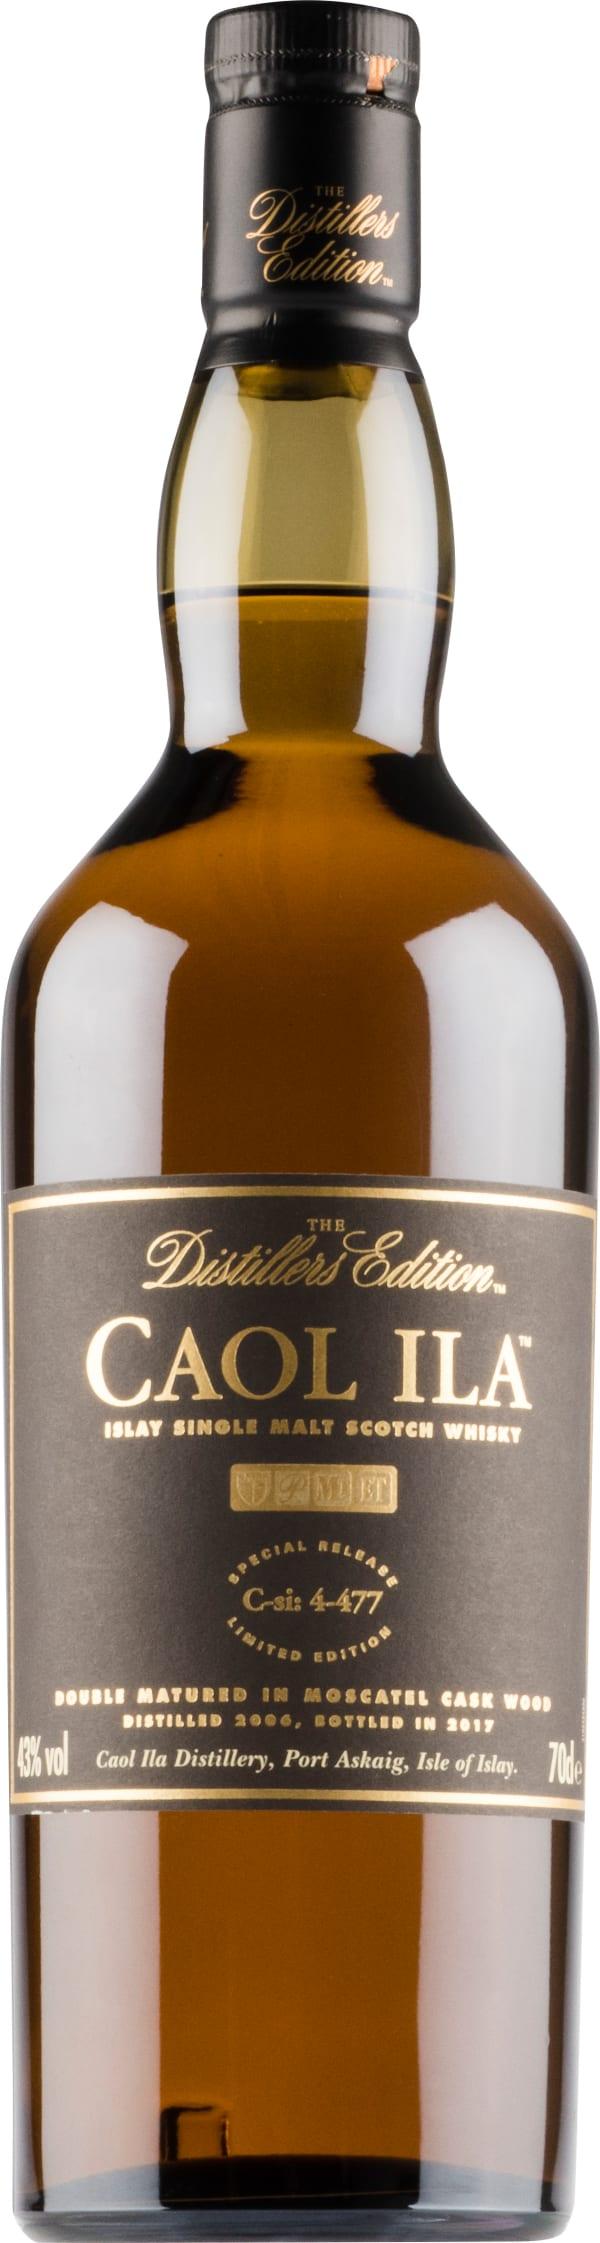 Caol Ila Distillers Edition 2017 Single Malt